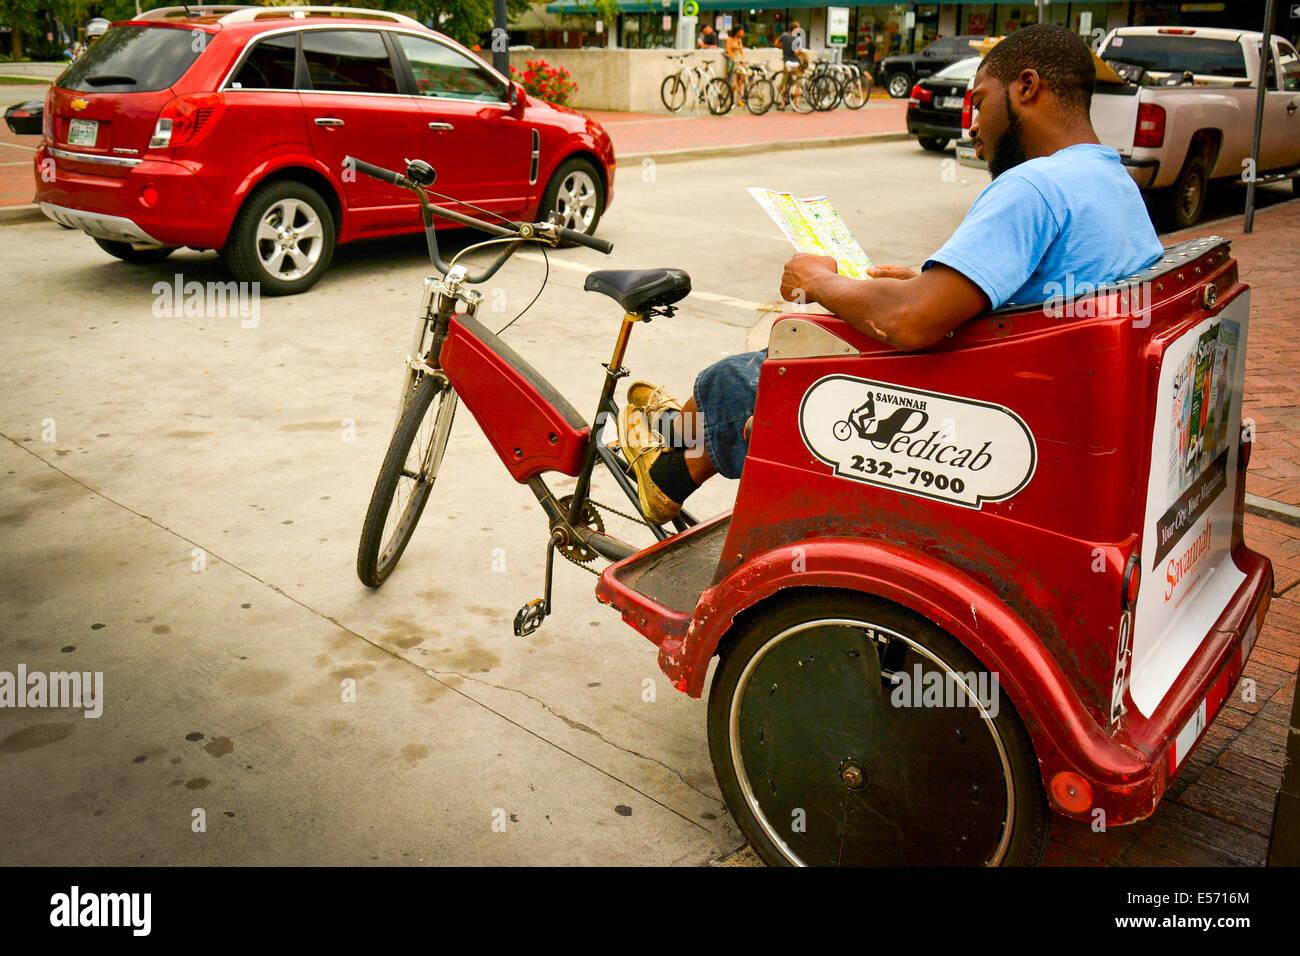 Savannah Pedicab driver takes a break to study a map at ... on savannah georgia restaurants, savannah georgia food, atlanta georgia attractions map, savannah tourist map, savannah georgia things to do, columbus georgia attractions map, river street savannah ga map, savannah georgia overview, georgia beach map, savannah ga zip code map, savannah georgia museums, savannah georgia horseback riding, savannah georgia historic district, savannah neighborhoods map, savannah ga map location, savannah georgia boat tours, savannah restaurants map, savannah georgia shopping, savannah georgia botanical gardens, savannah georgia galleries,